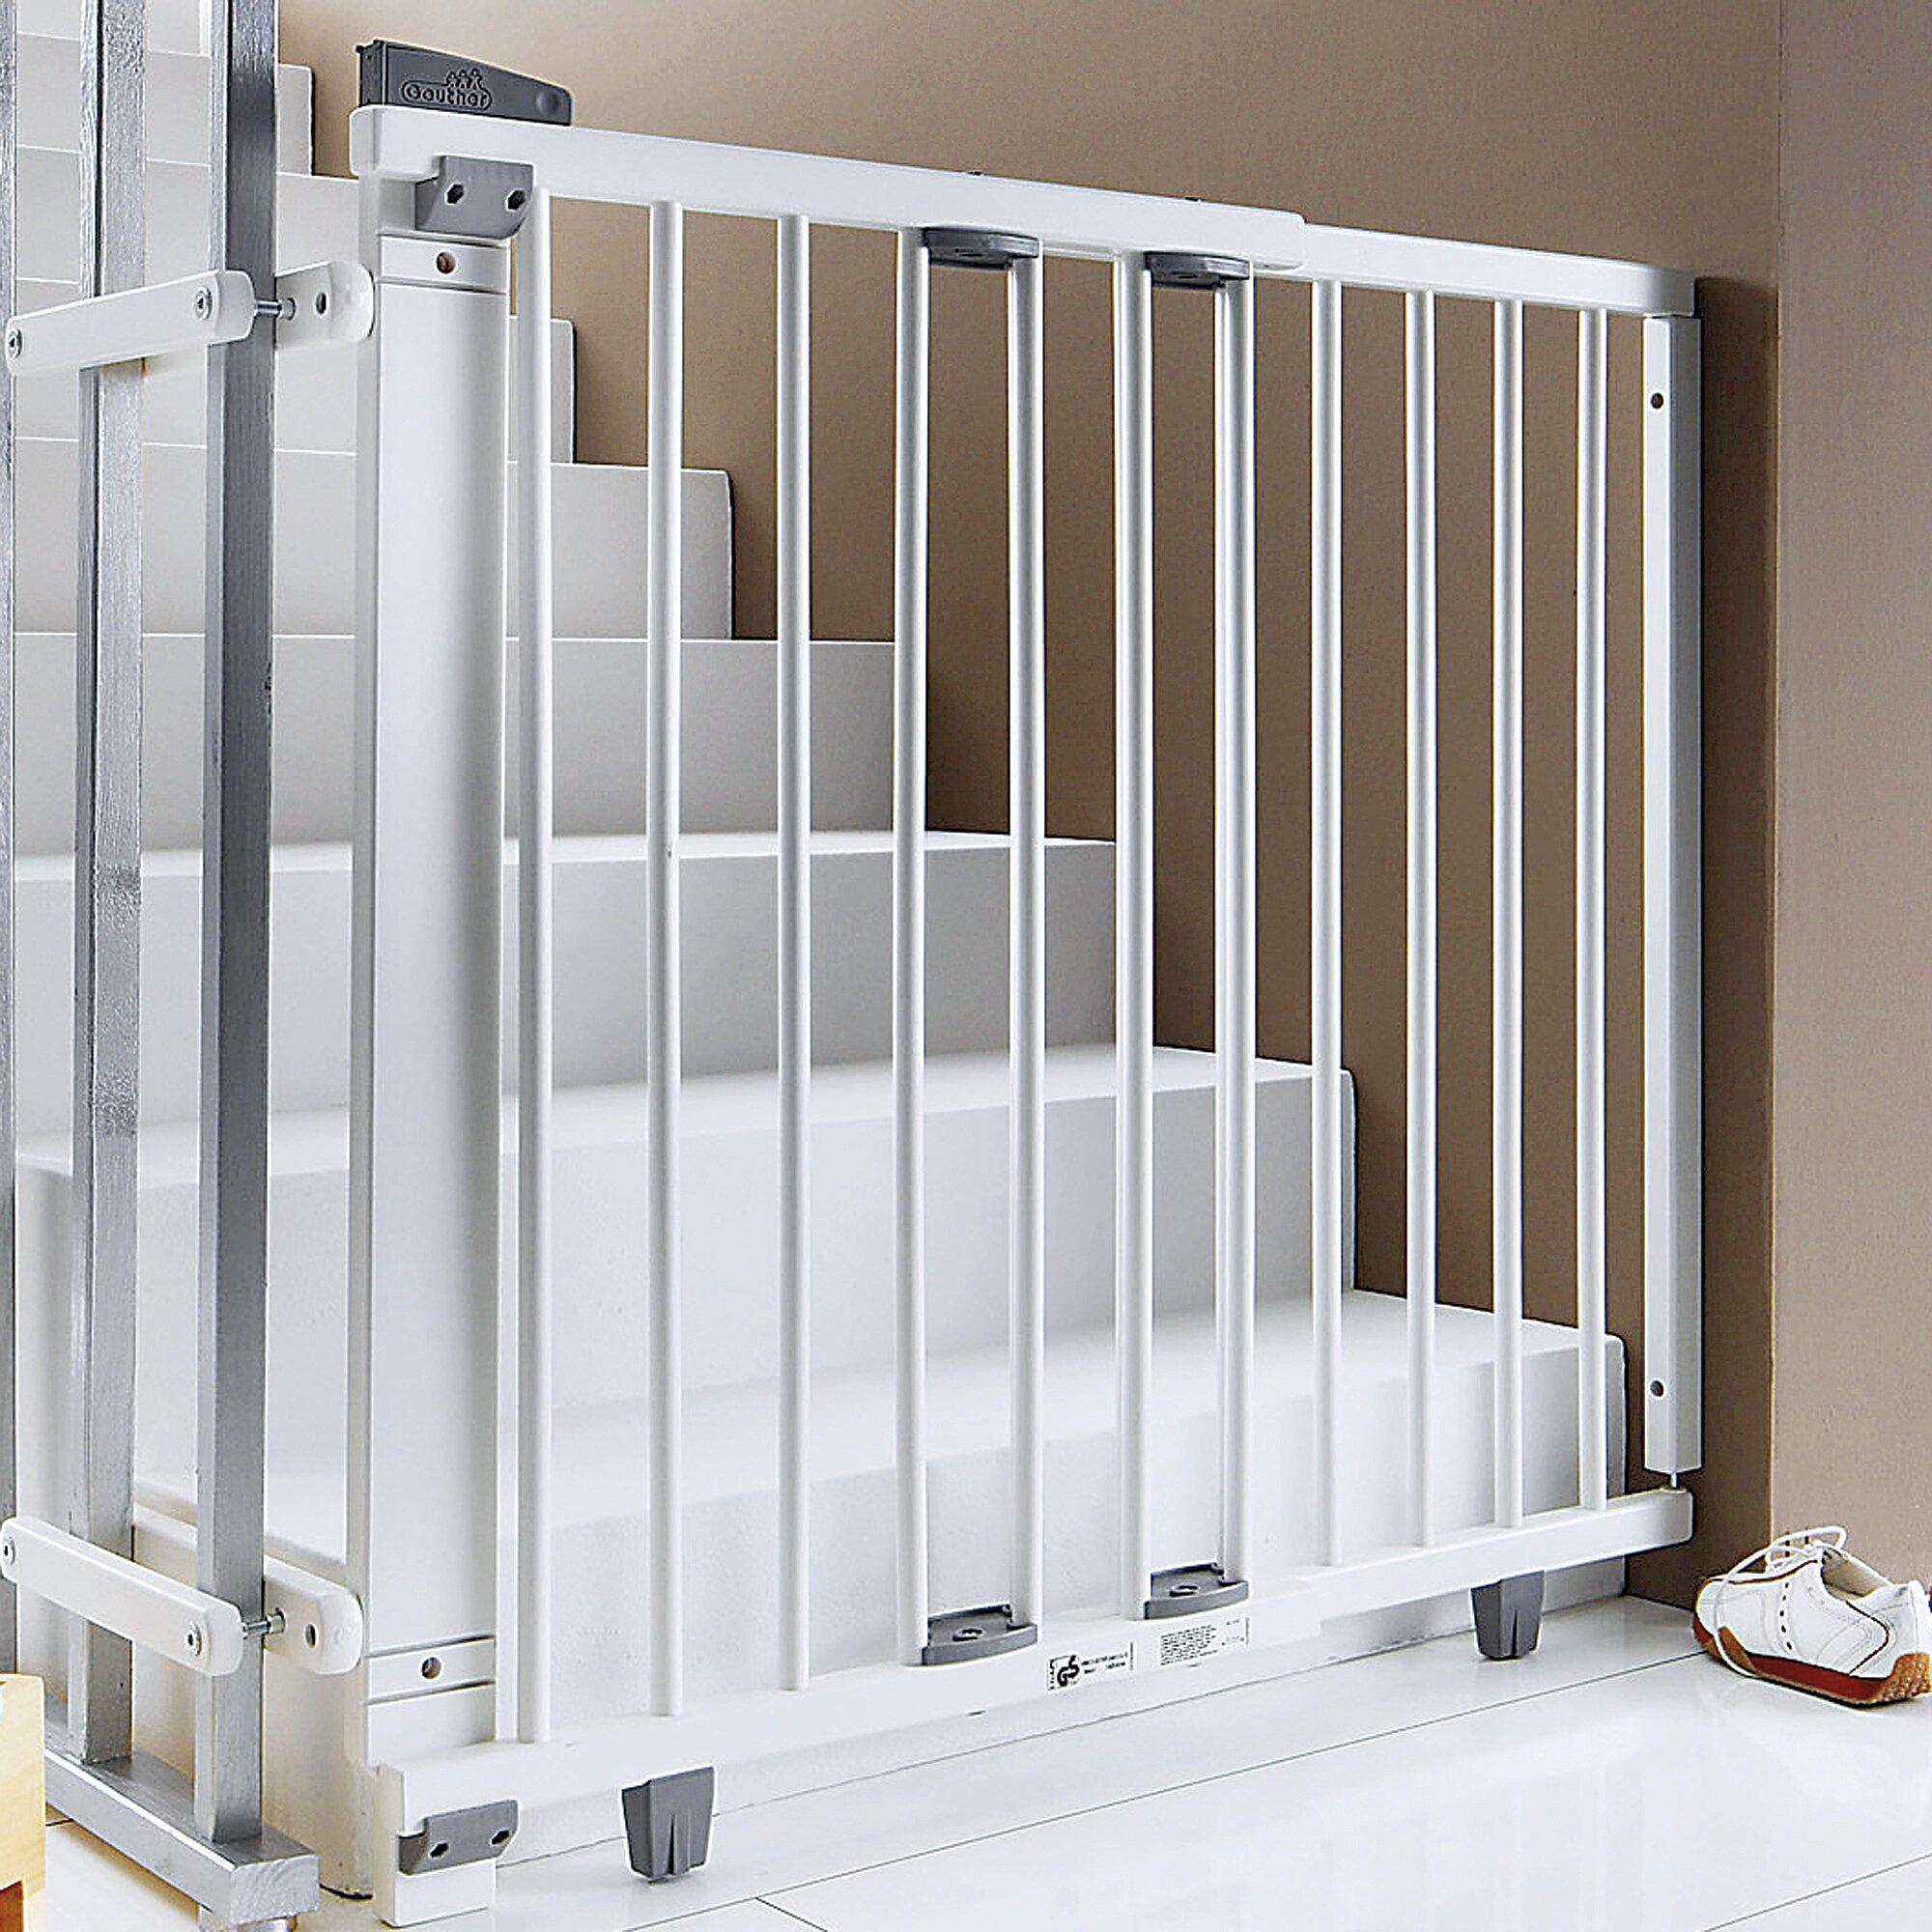 barri res de s curit escaliers chambre et maison page n 2. Black Bedroom Furniture Sets. Home Design Ideas